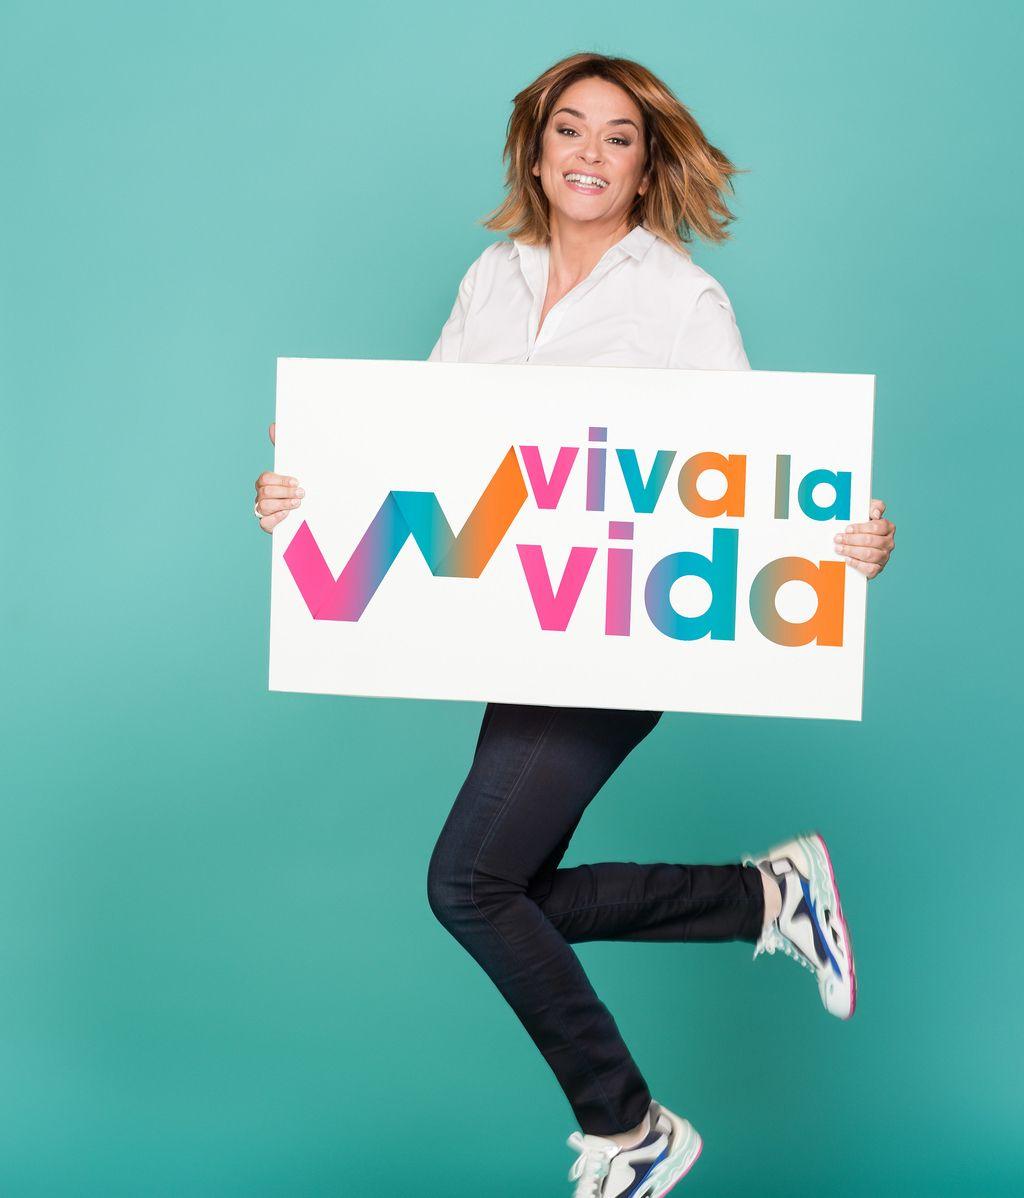 'Viva la vida' - imágenes promocionales de Toñi Moreno